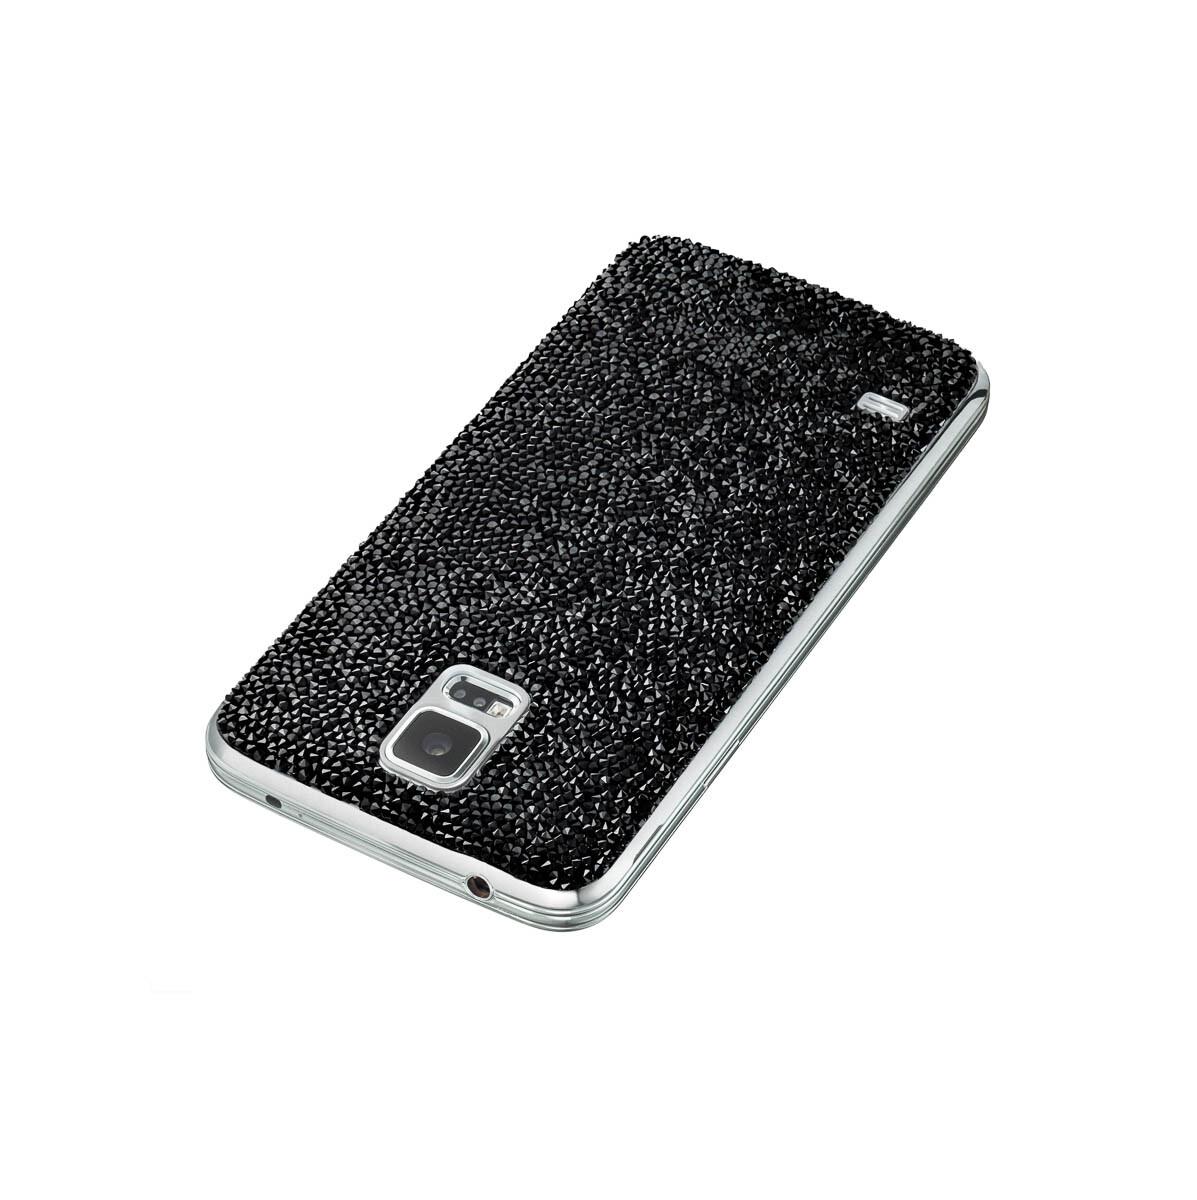 Sforum - Trang thông tin công nghệ mới nhất Swarovski-for-Samsung-Collection-announced-08 Bộ phụ kiện pha lê Swarovski đã được bán ra dành riêng cho Galaxy S5 và Gear Fit